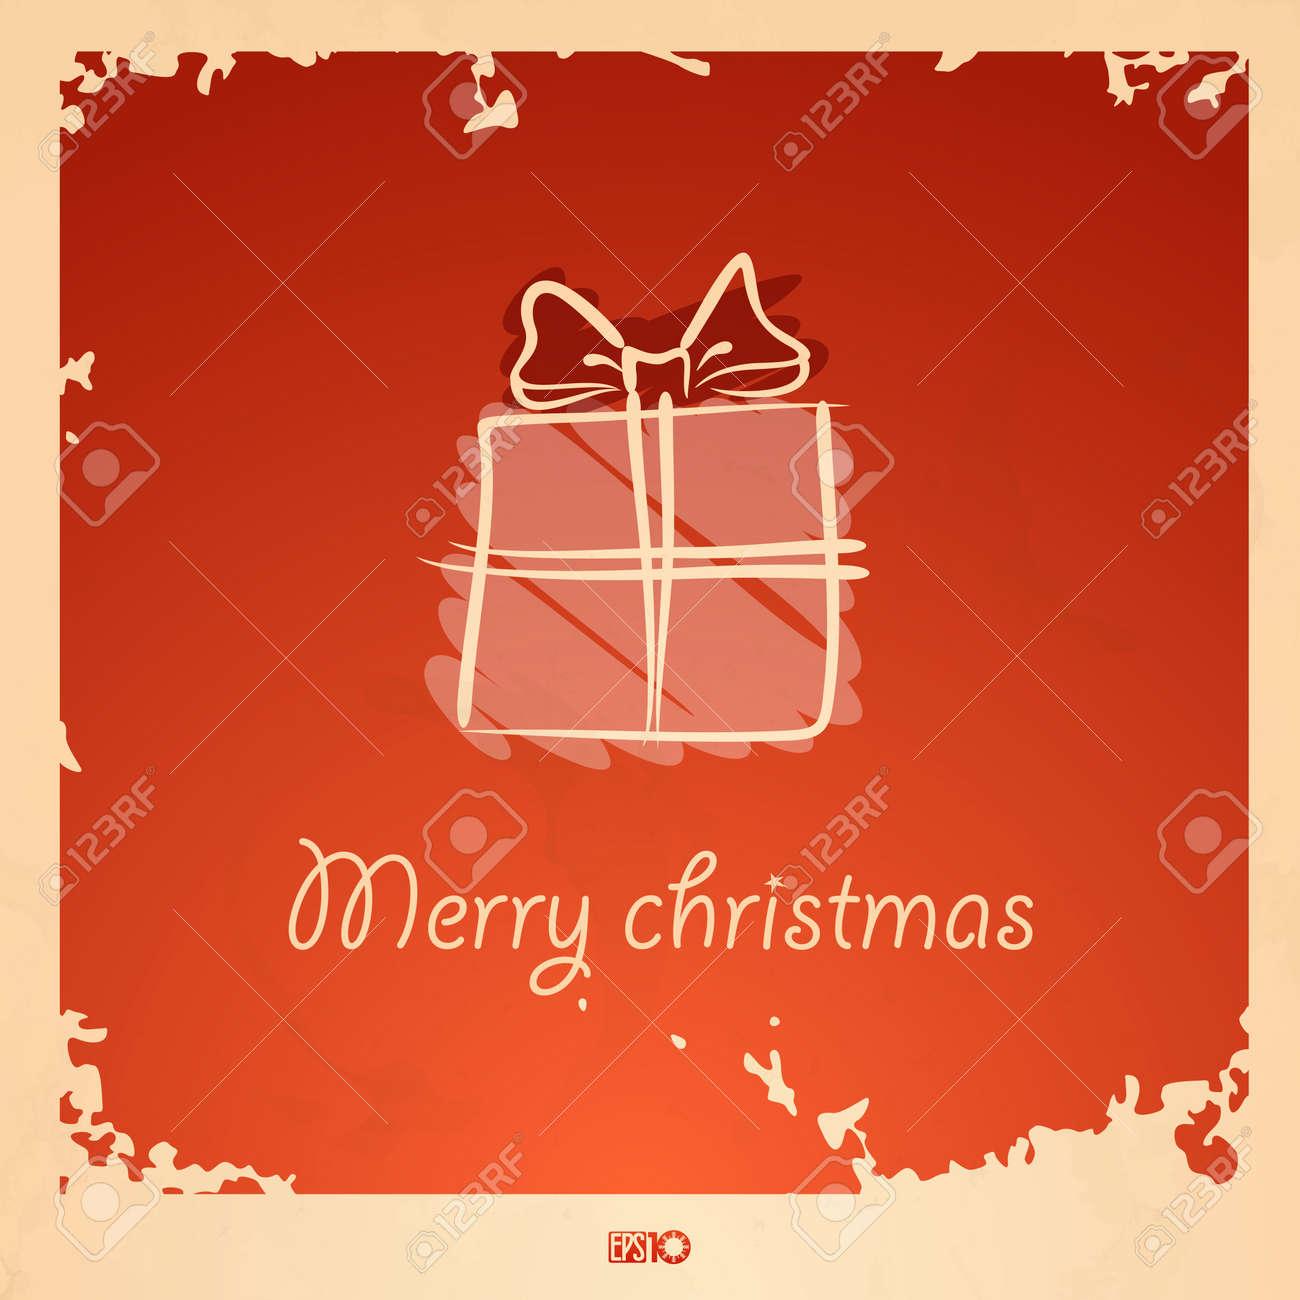 Christmas vintage gift box. Stock Vector - 17205928